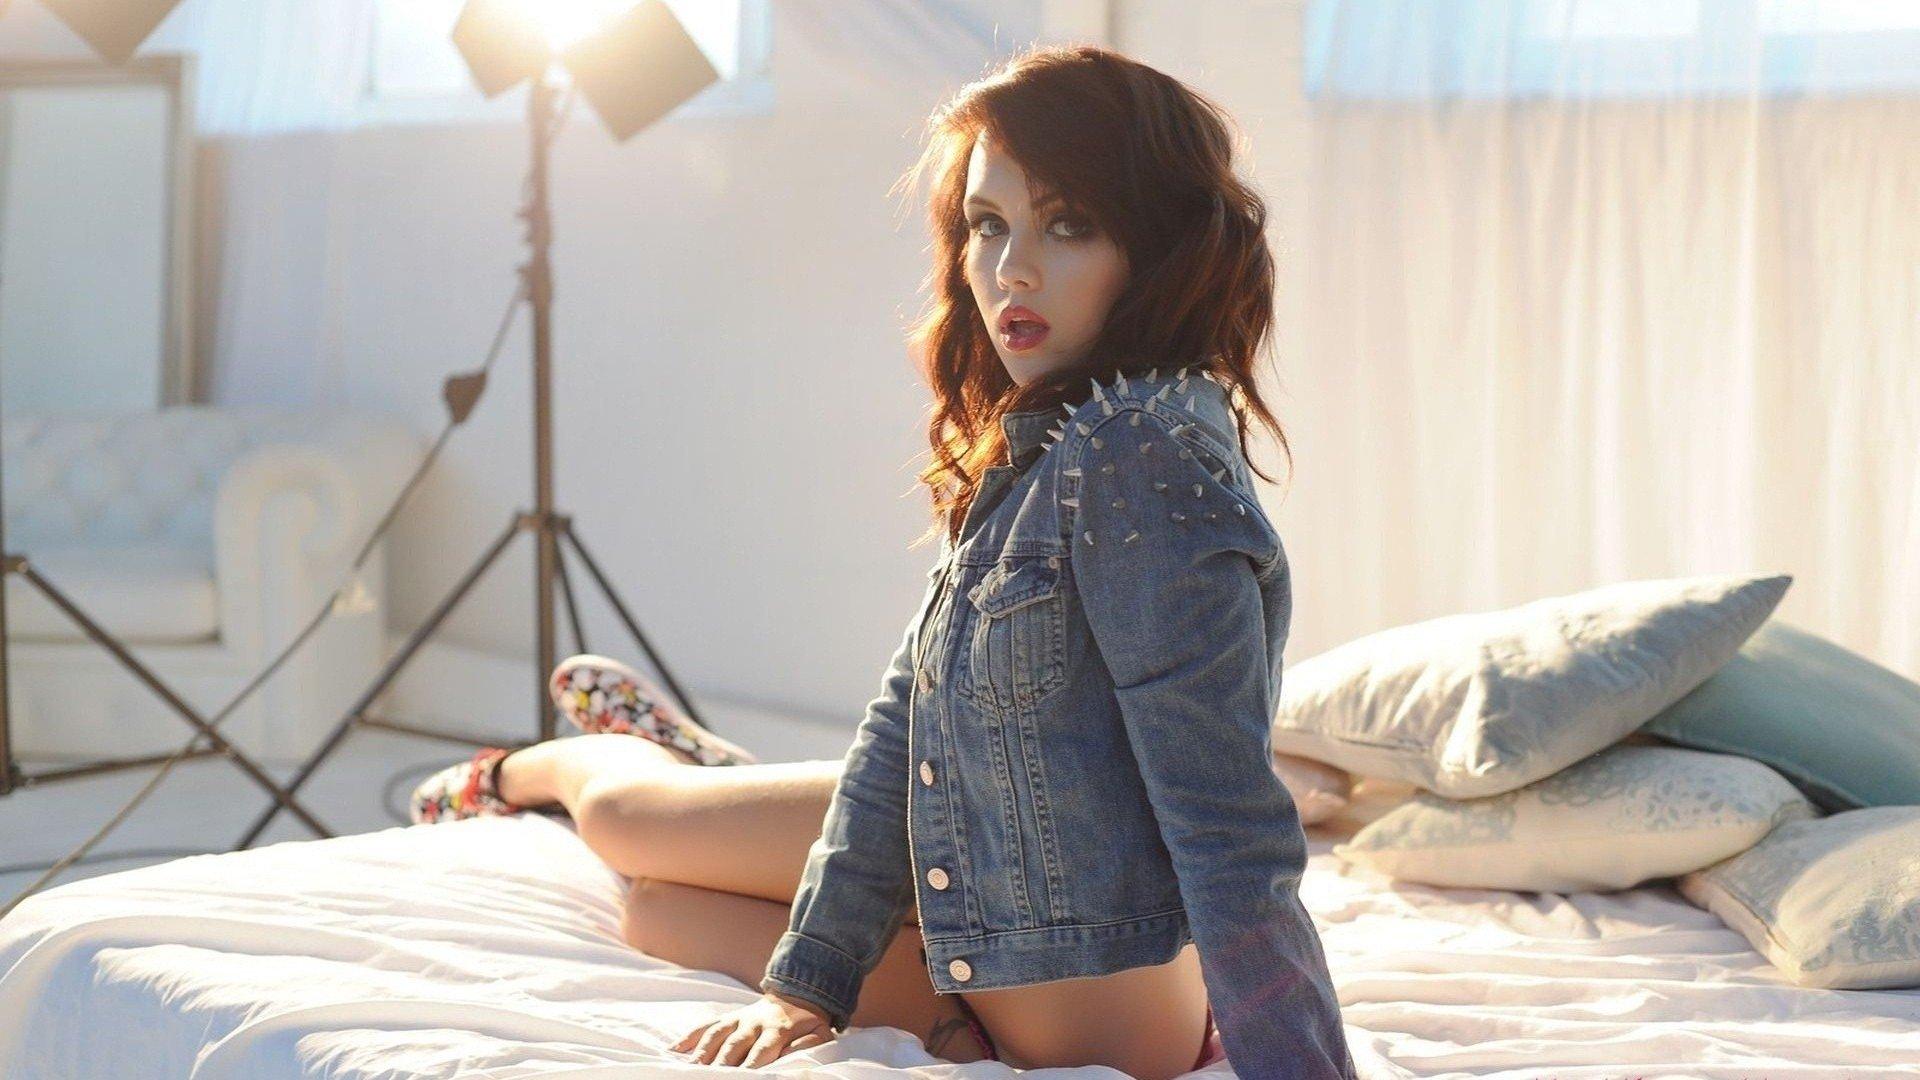 Девушка в джинсовой курточке без смс